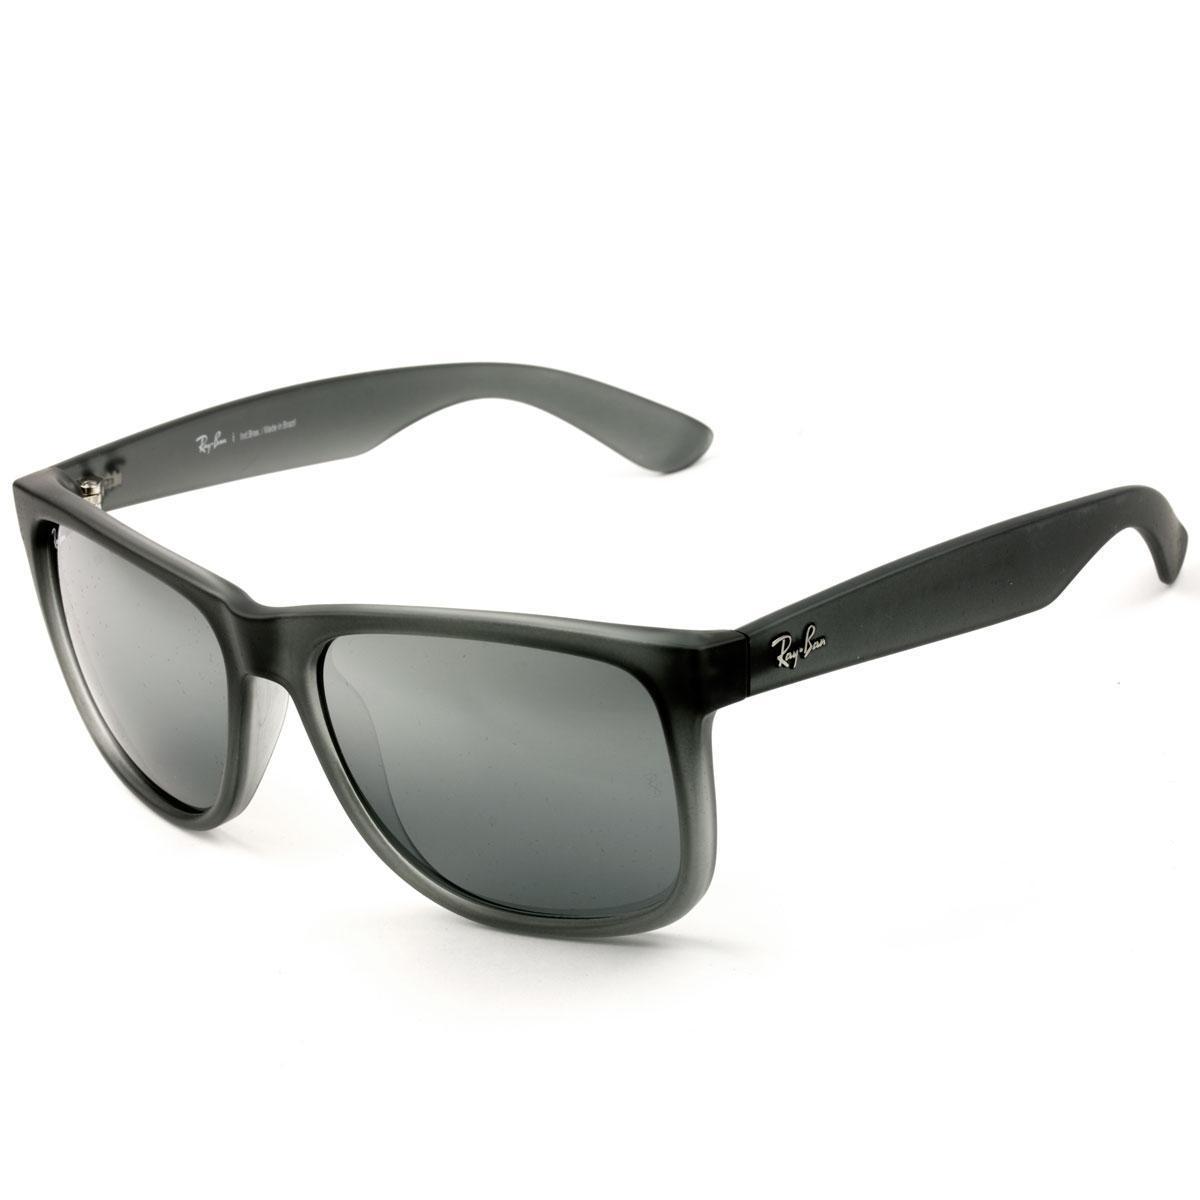 35637e663372e Óculos de Sol Ray-Ban Justin RB4165L 852 88 - Óculos de Sol ...